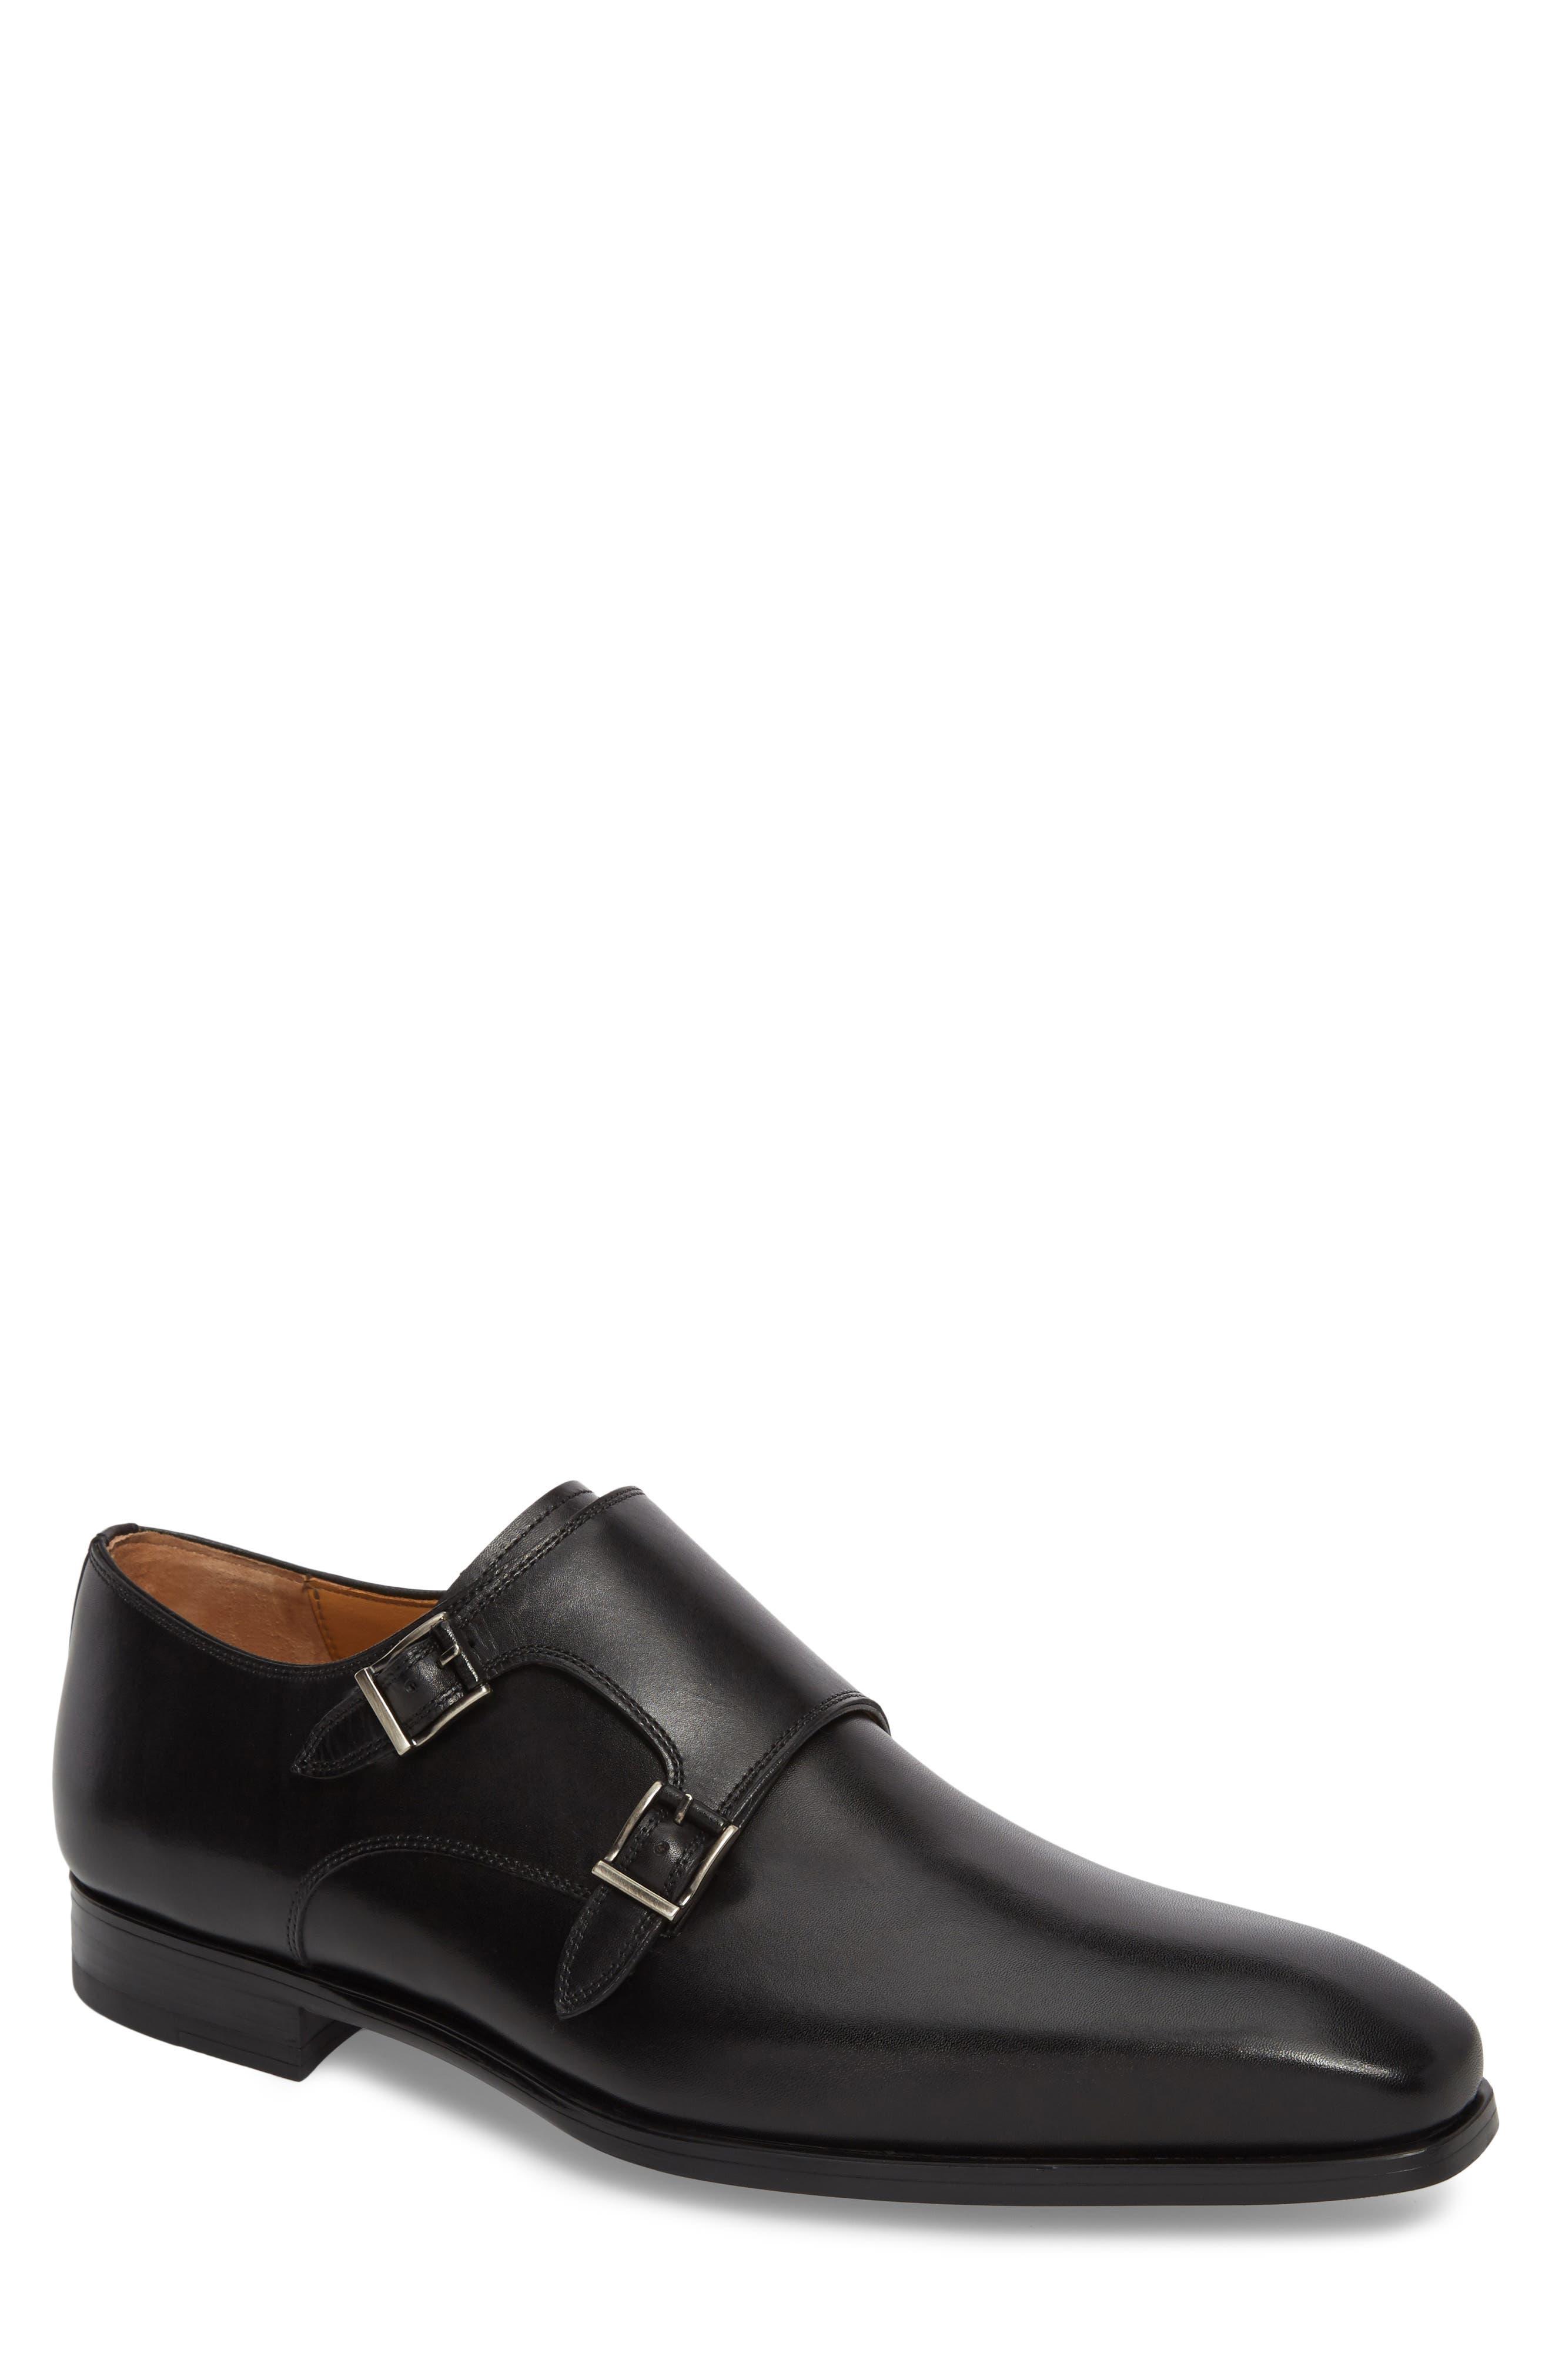 Ramolo Double Monk Strap Shoe,                             Main thumbnail 1, color,                             001